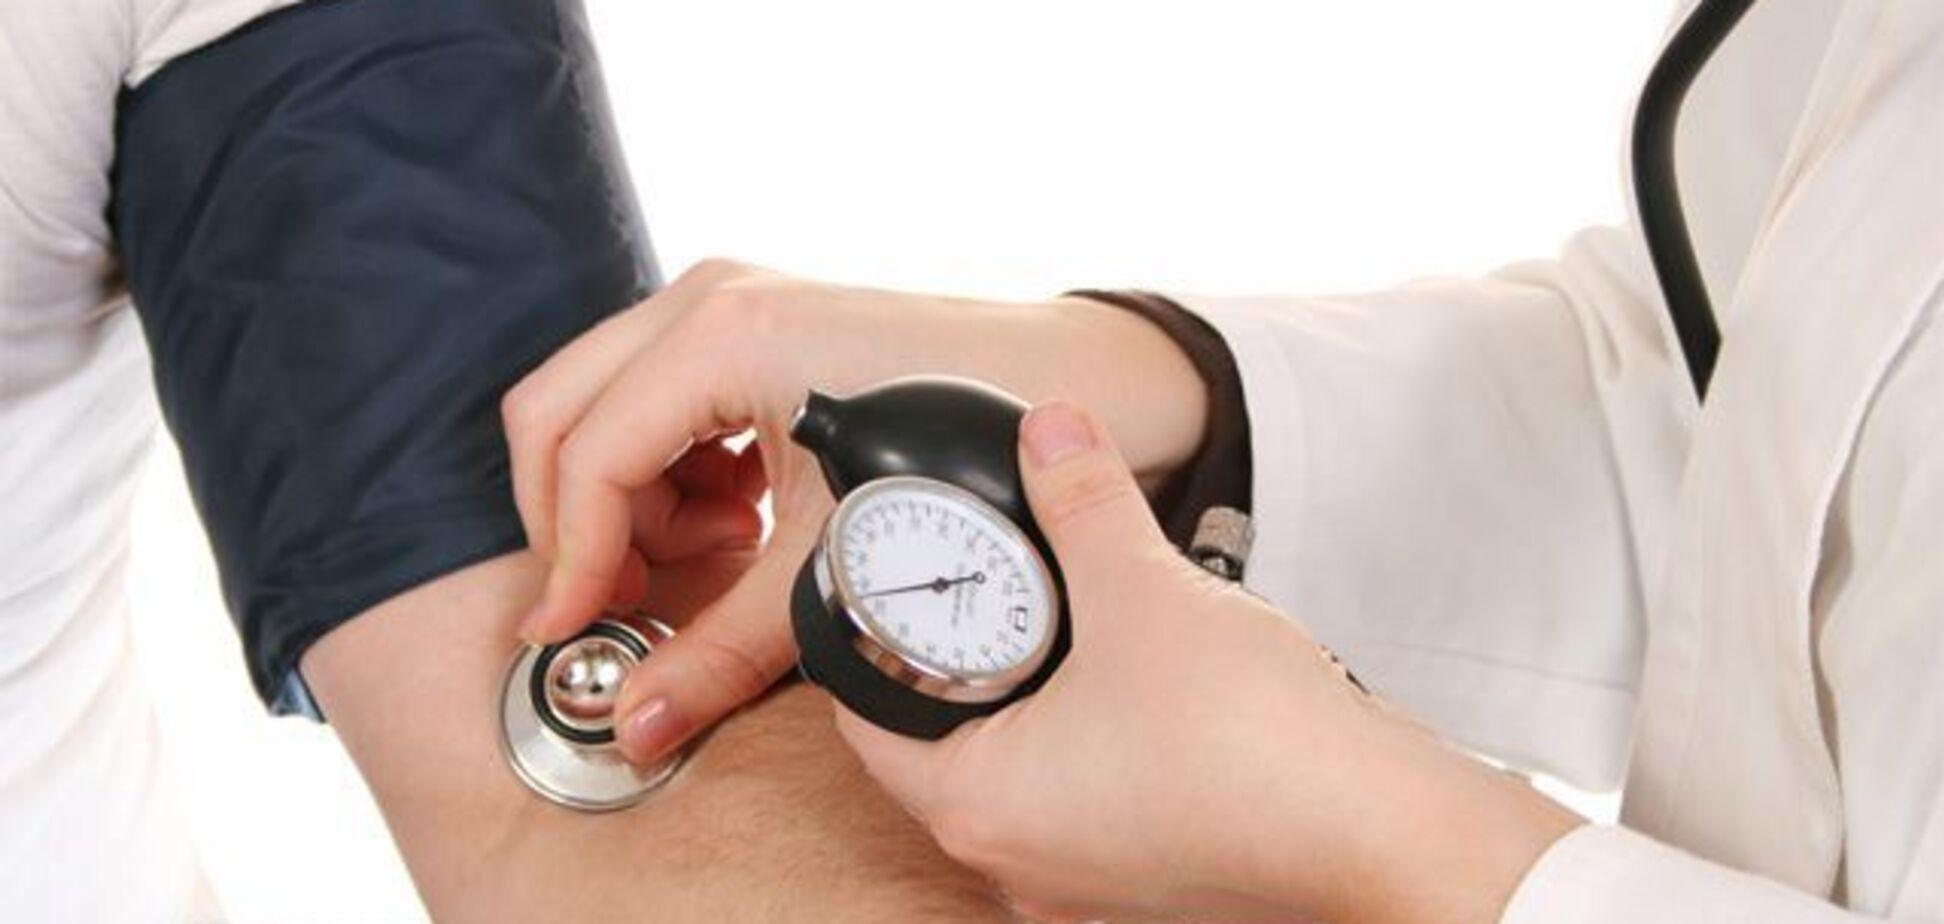 Запобігне інфаркту та інсульту: названо кращий продукт від гіпертонії